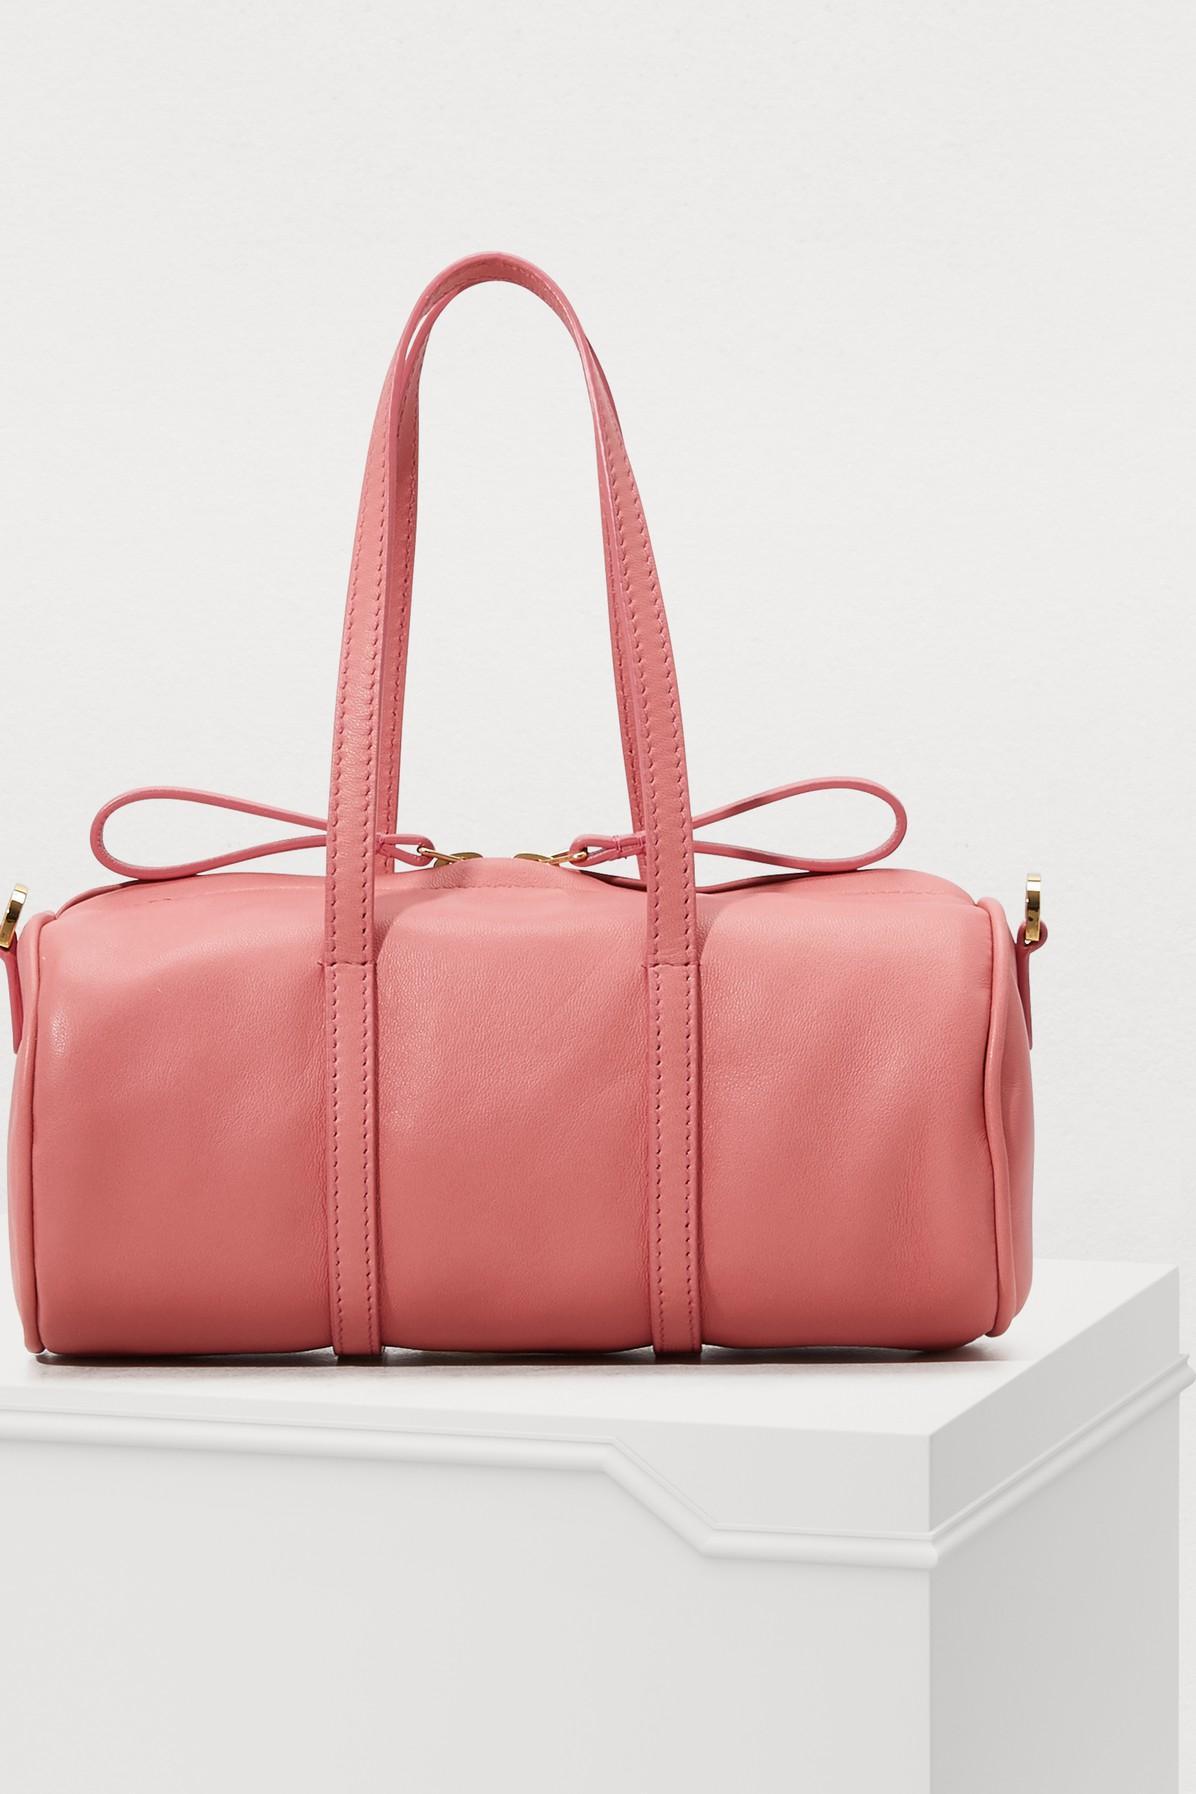 Lyst - Mansur Gavriel Lamb Mini Mini Duffle Bag in Pink - Save 34% bf8796f733391